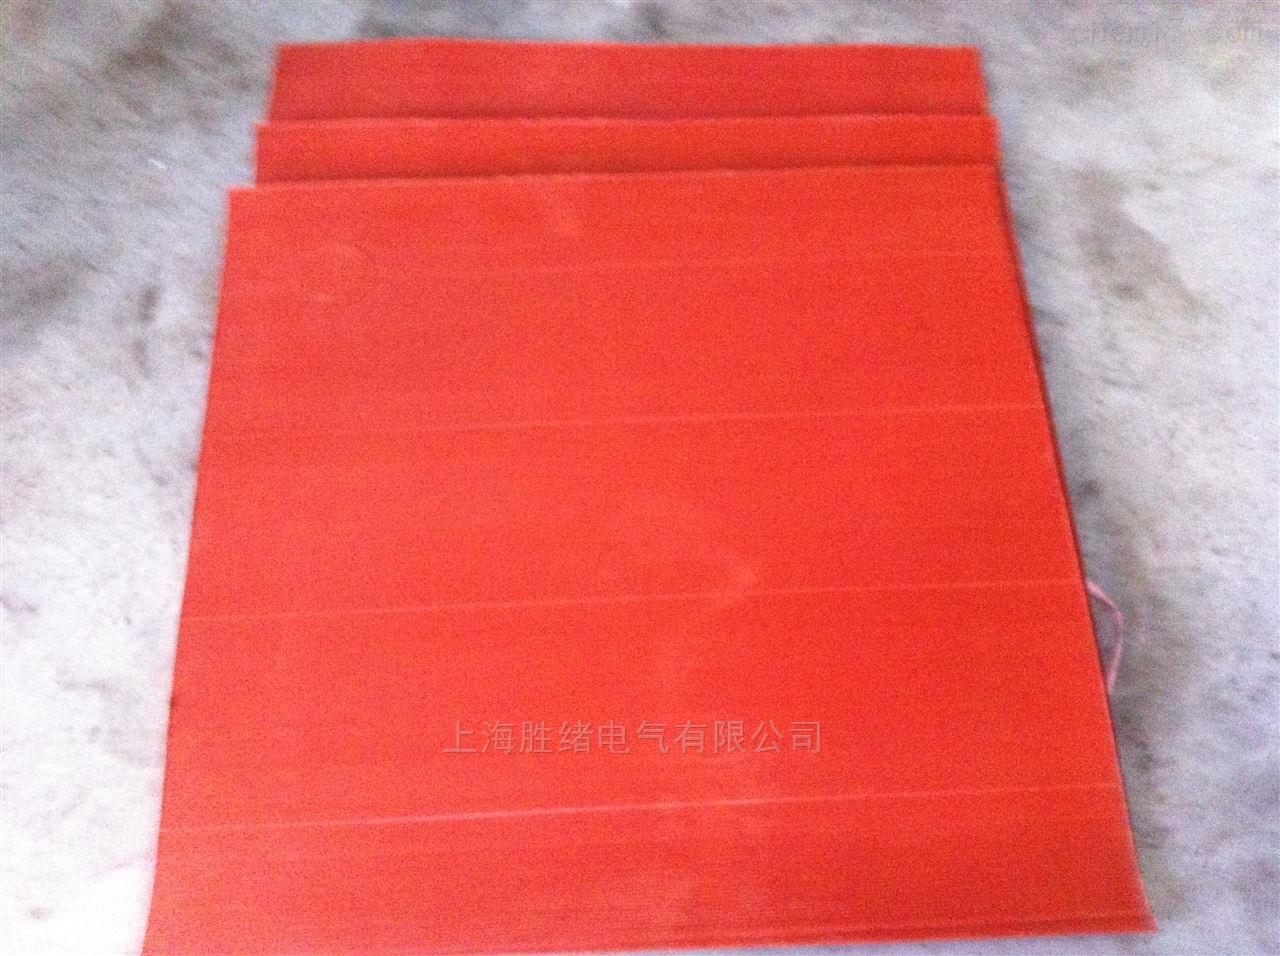 NJSG 0202A橡胶绝缘垫(红色)